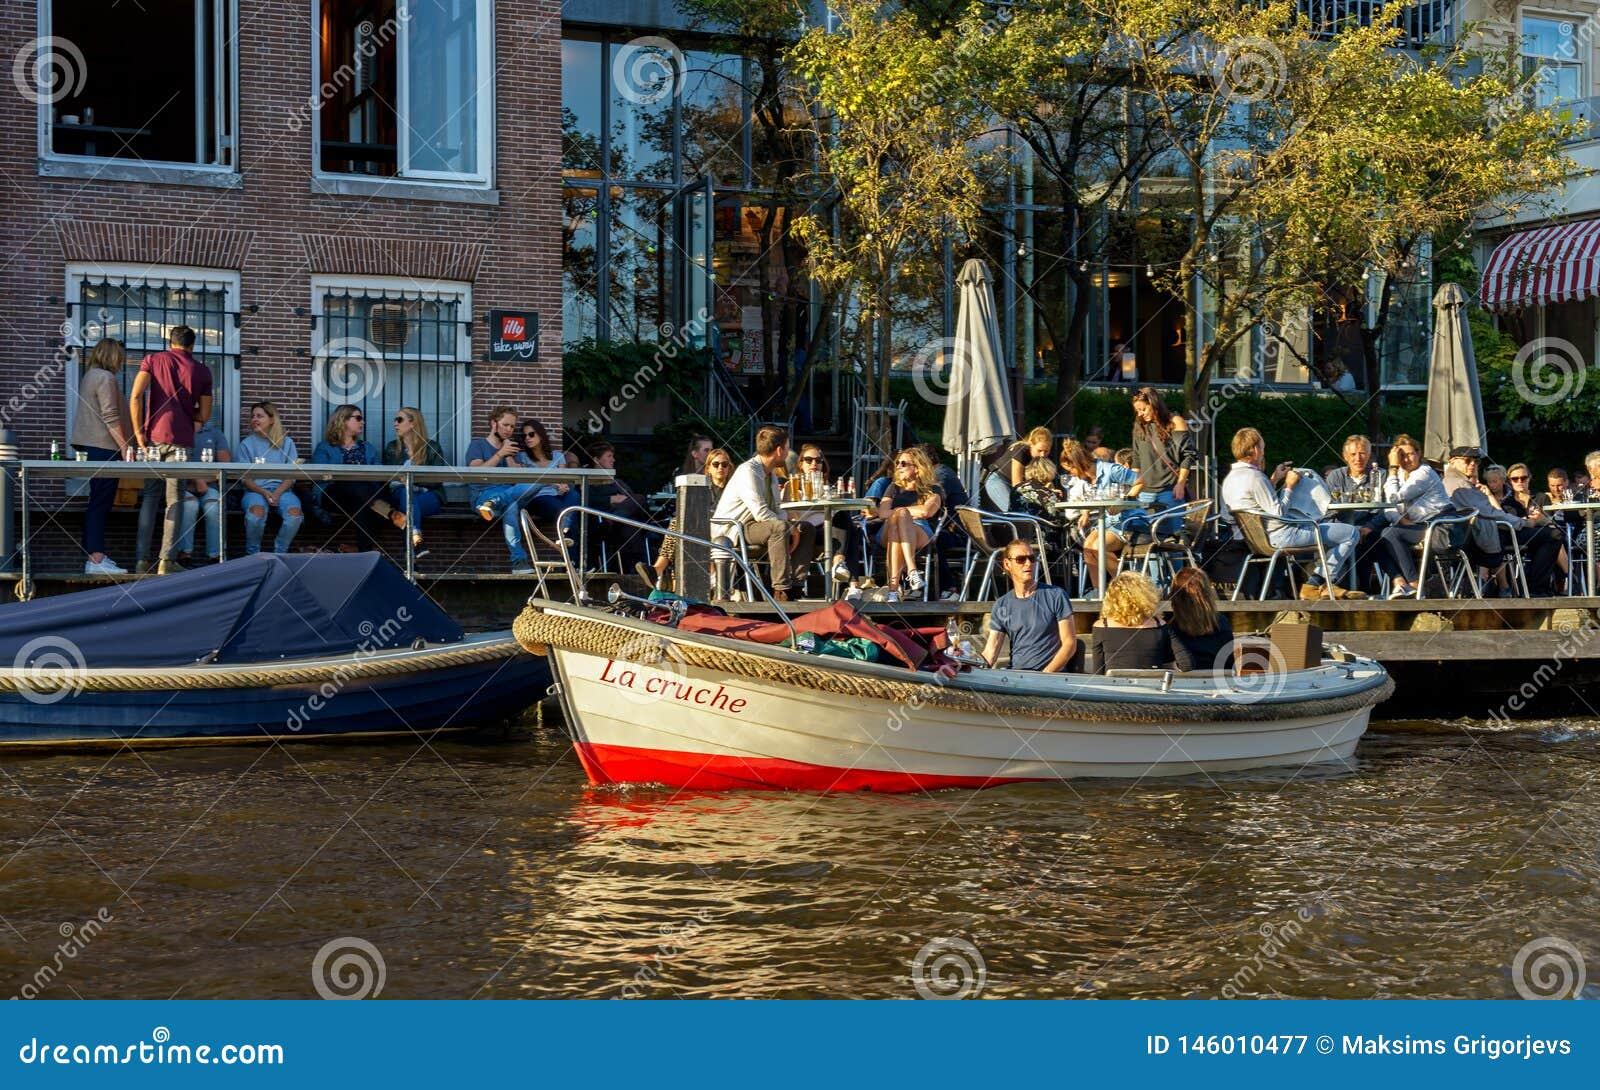 Άνθρωποι που κάθονται στο εστιατόριο καφέδων στο κανάλι στο Άμστερνταμ με τη σταθμευμένη μικρή βάρκα γύρου πόλεων, οι Κάτω Χώρες,